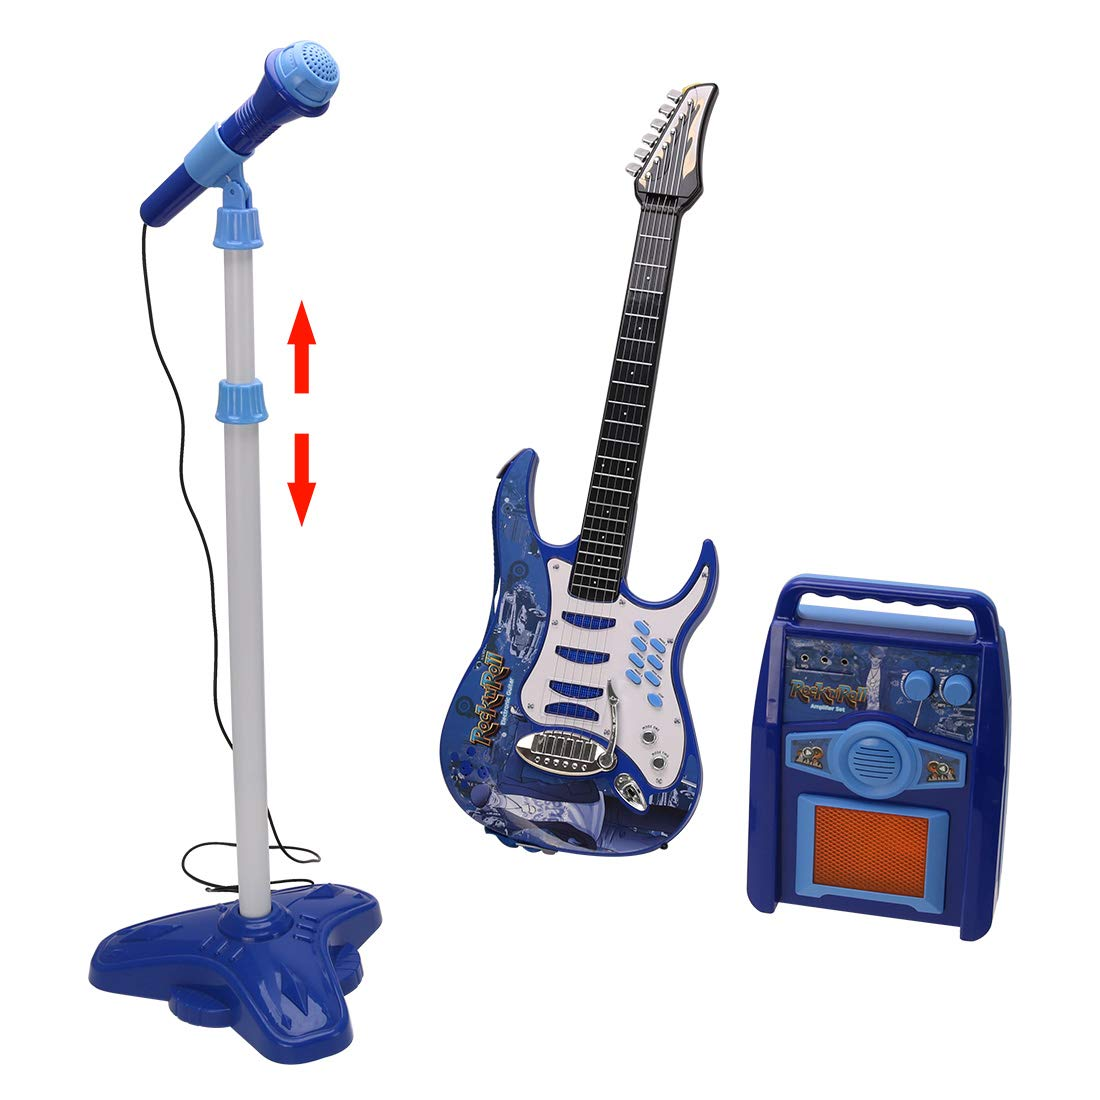 Tosbess Juguete Musical Guitarra -Micro-Bafle Electrónico Flash: Amazon.es: Juguetes y juegos